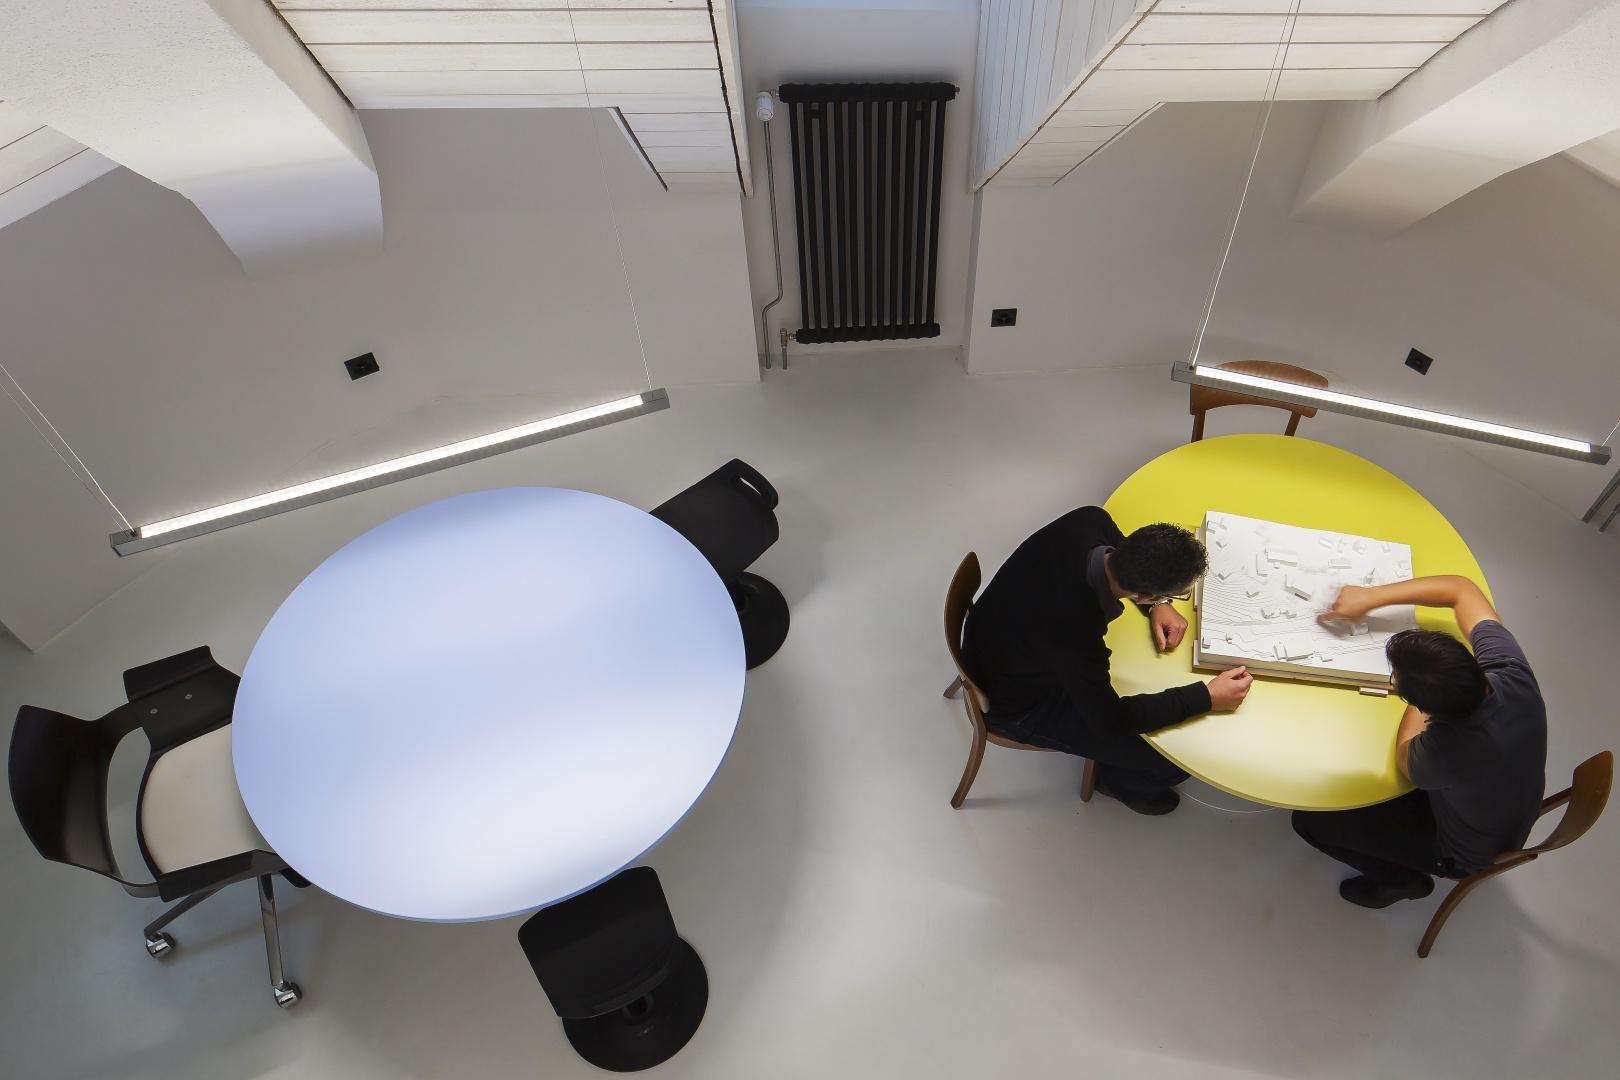 Sicht von der Galerie auf den Arbeits- und Besprechungsbereich © Architektur Ateler Ducret | Fotograf Jürg Knuchel